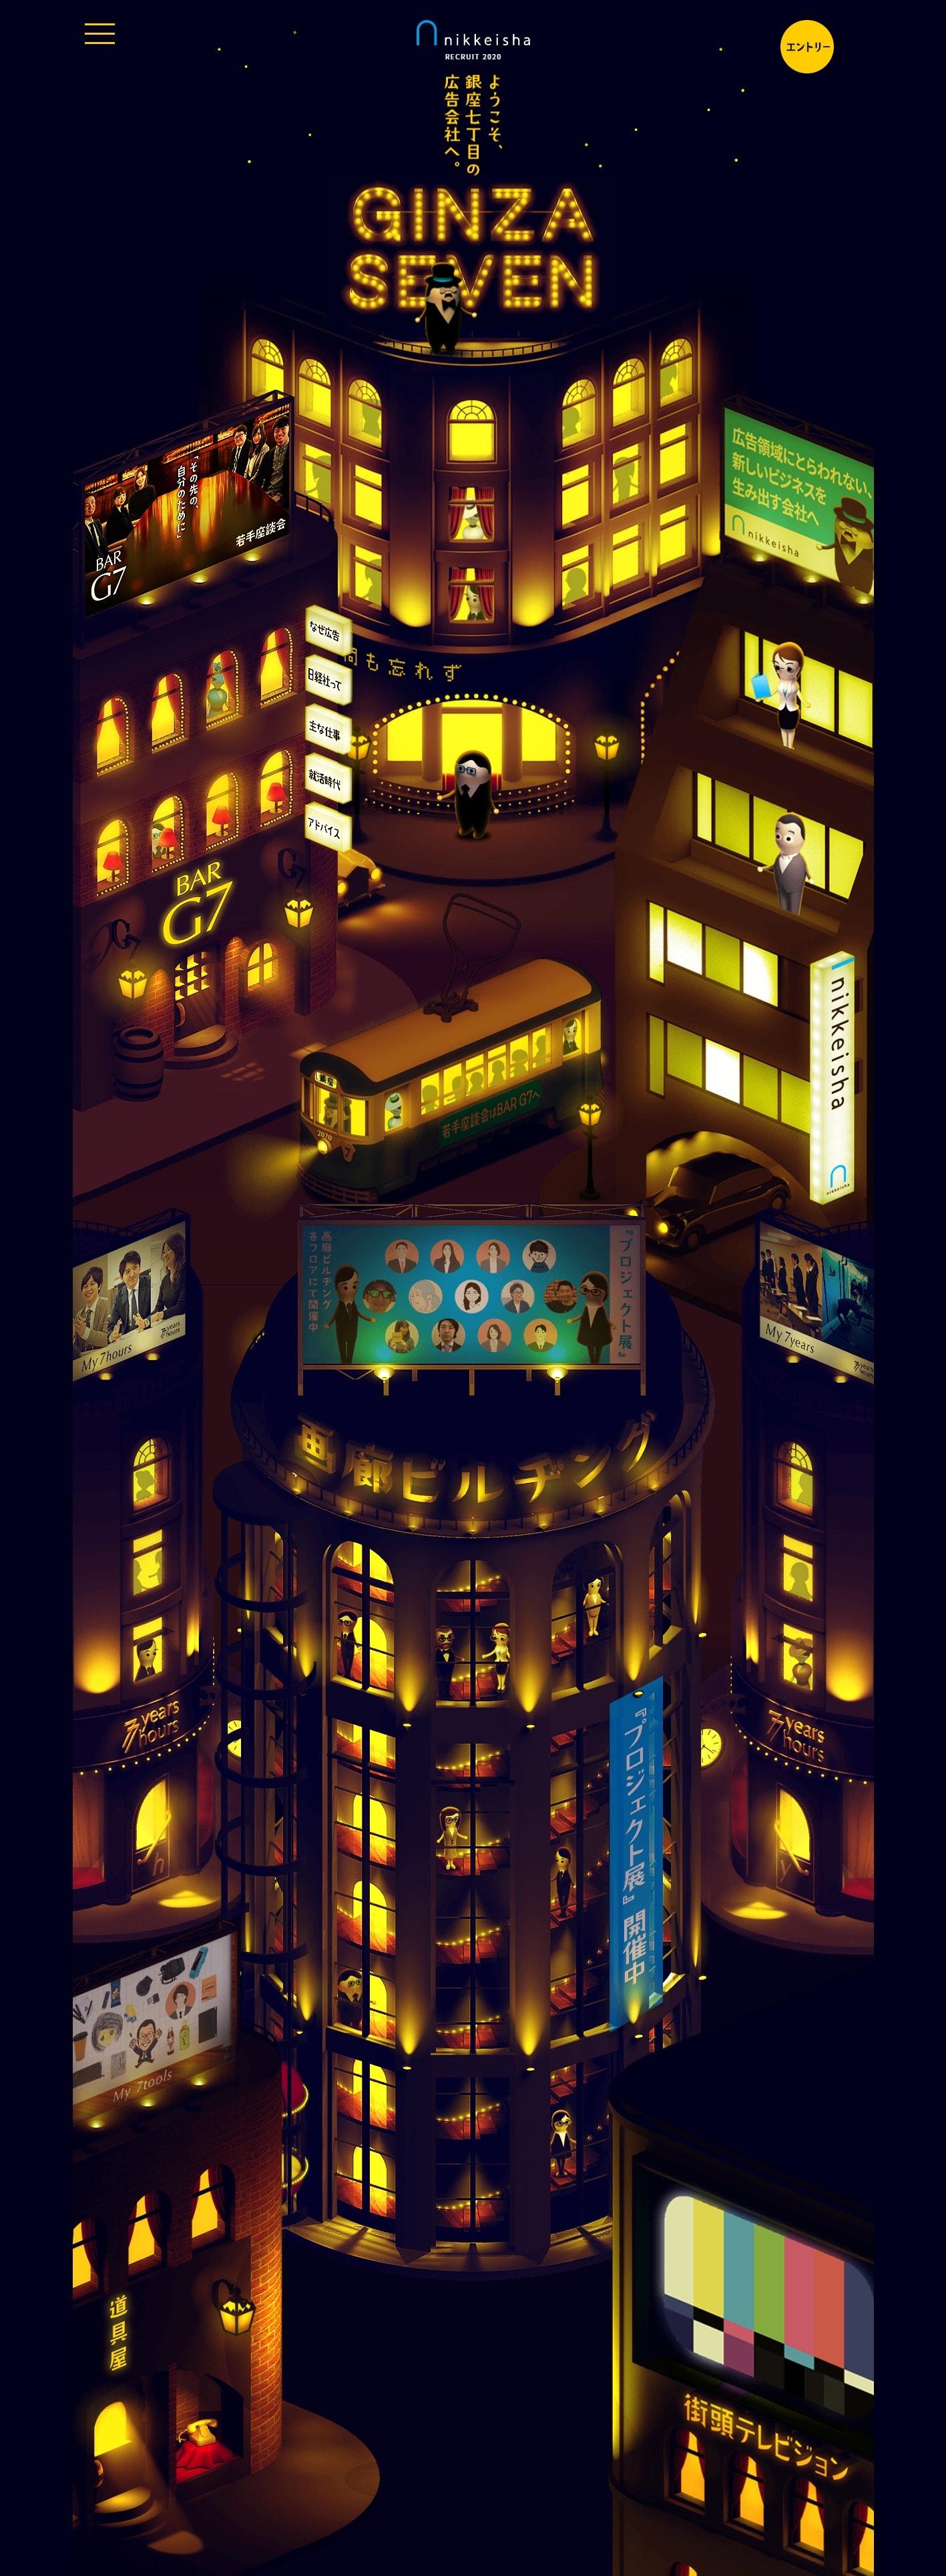 ようこそ、銀座七丁目の広告会社へ。 | 日経社 2020年度 採用サイト